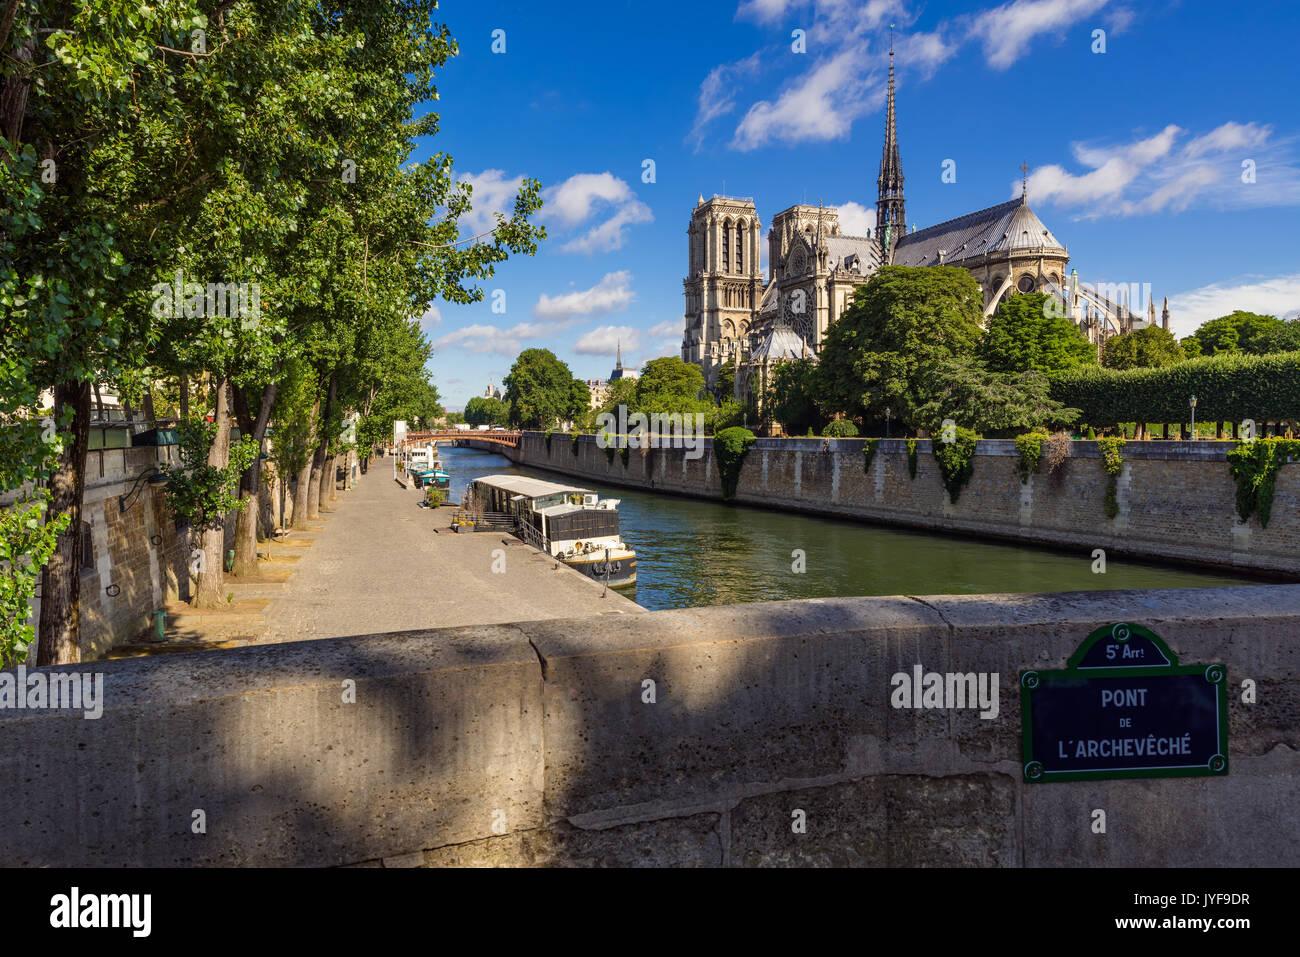 Notre Dame de Paris cathedral on Ile de La Cite with the Seine River in summer. Pont de l'Archeveche, Paris, France - Stock Image